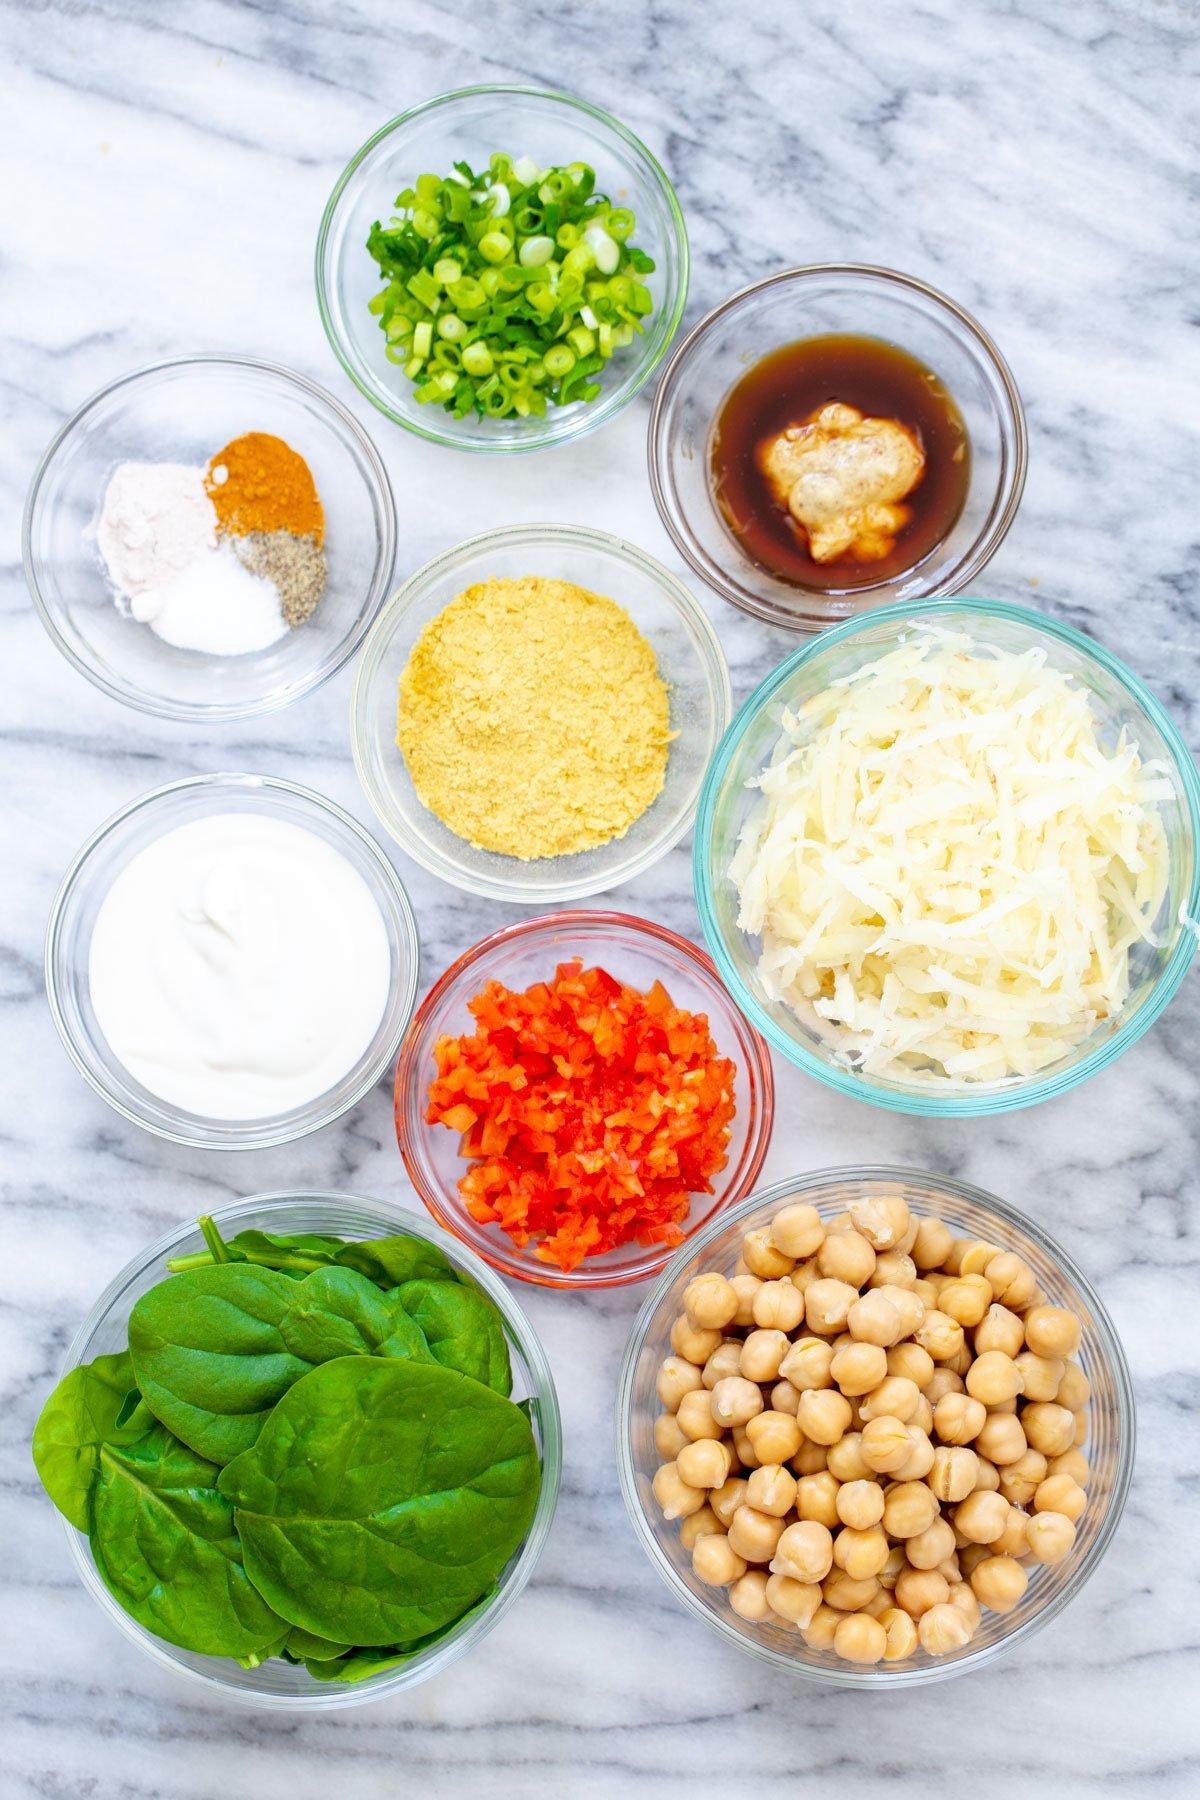 ingredients used to make vegan chickpea breakfast rolls